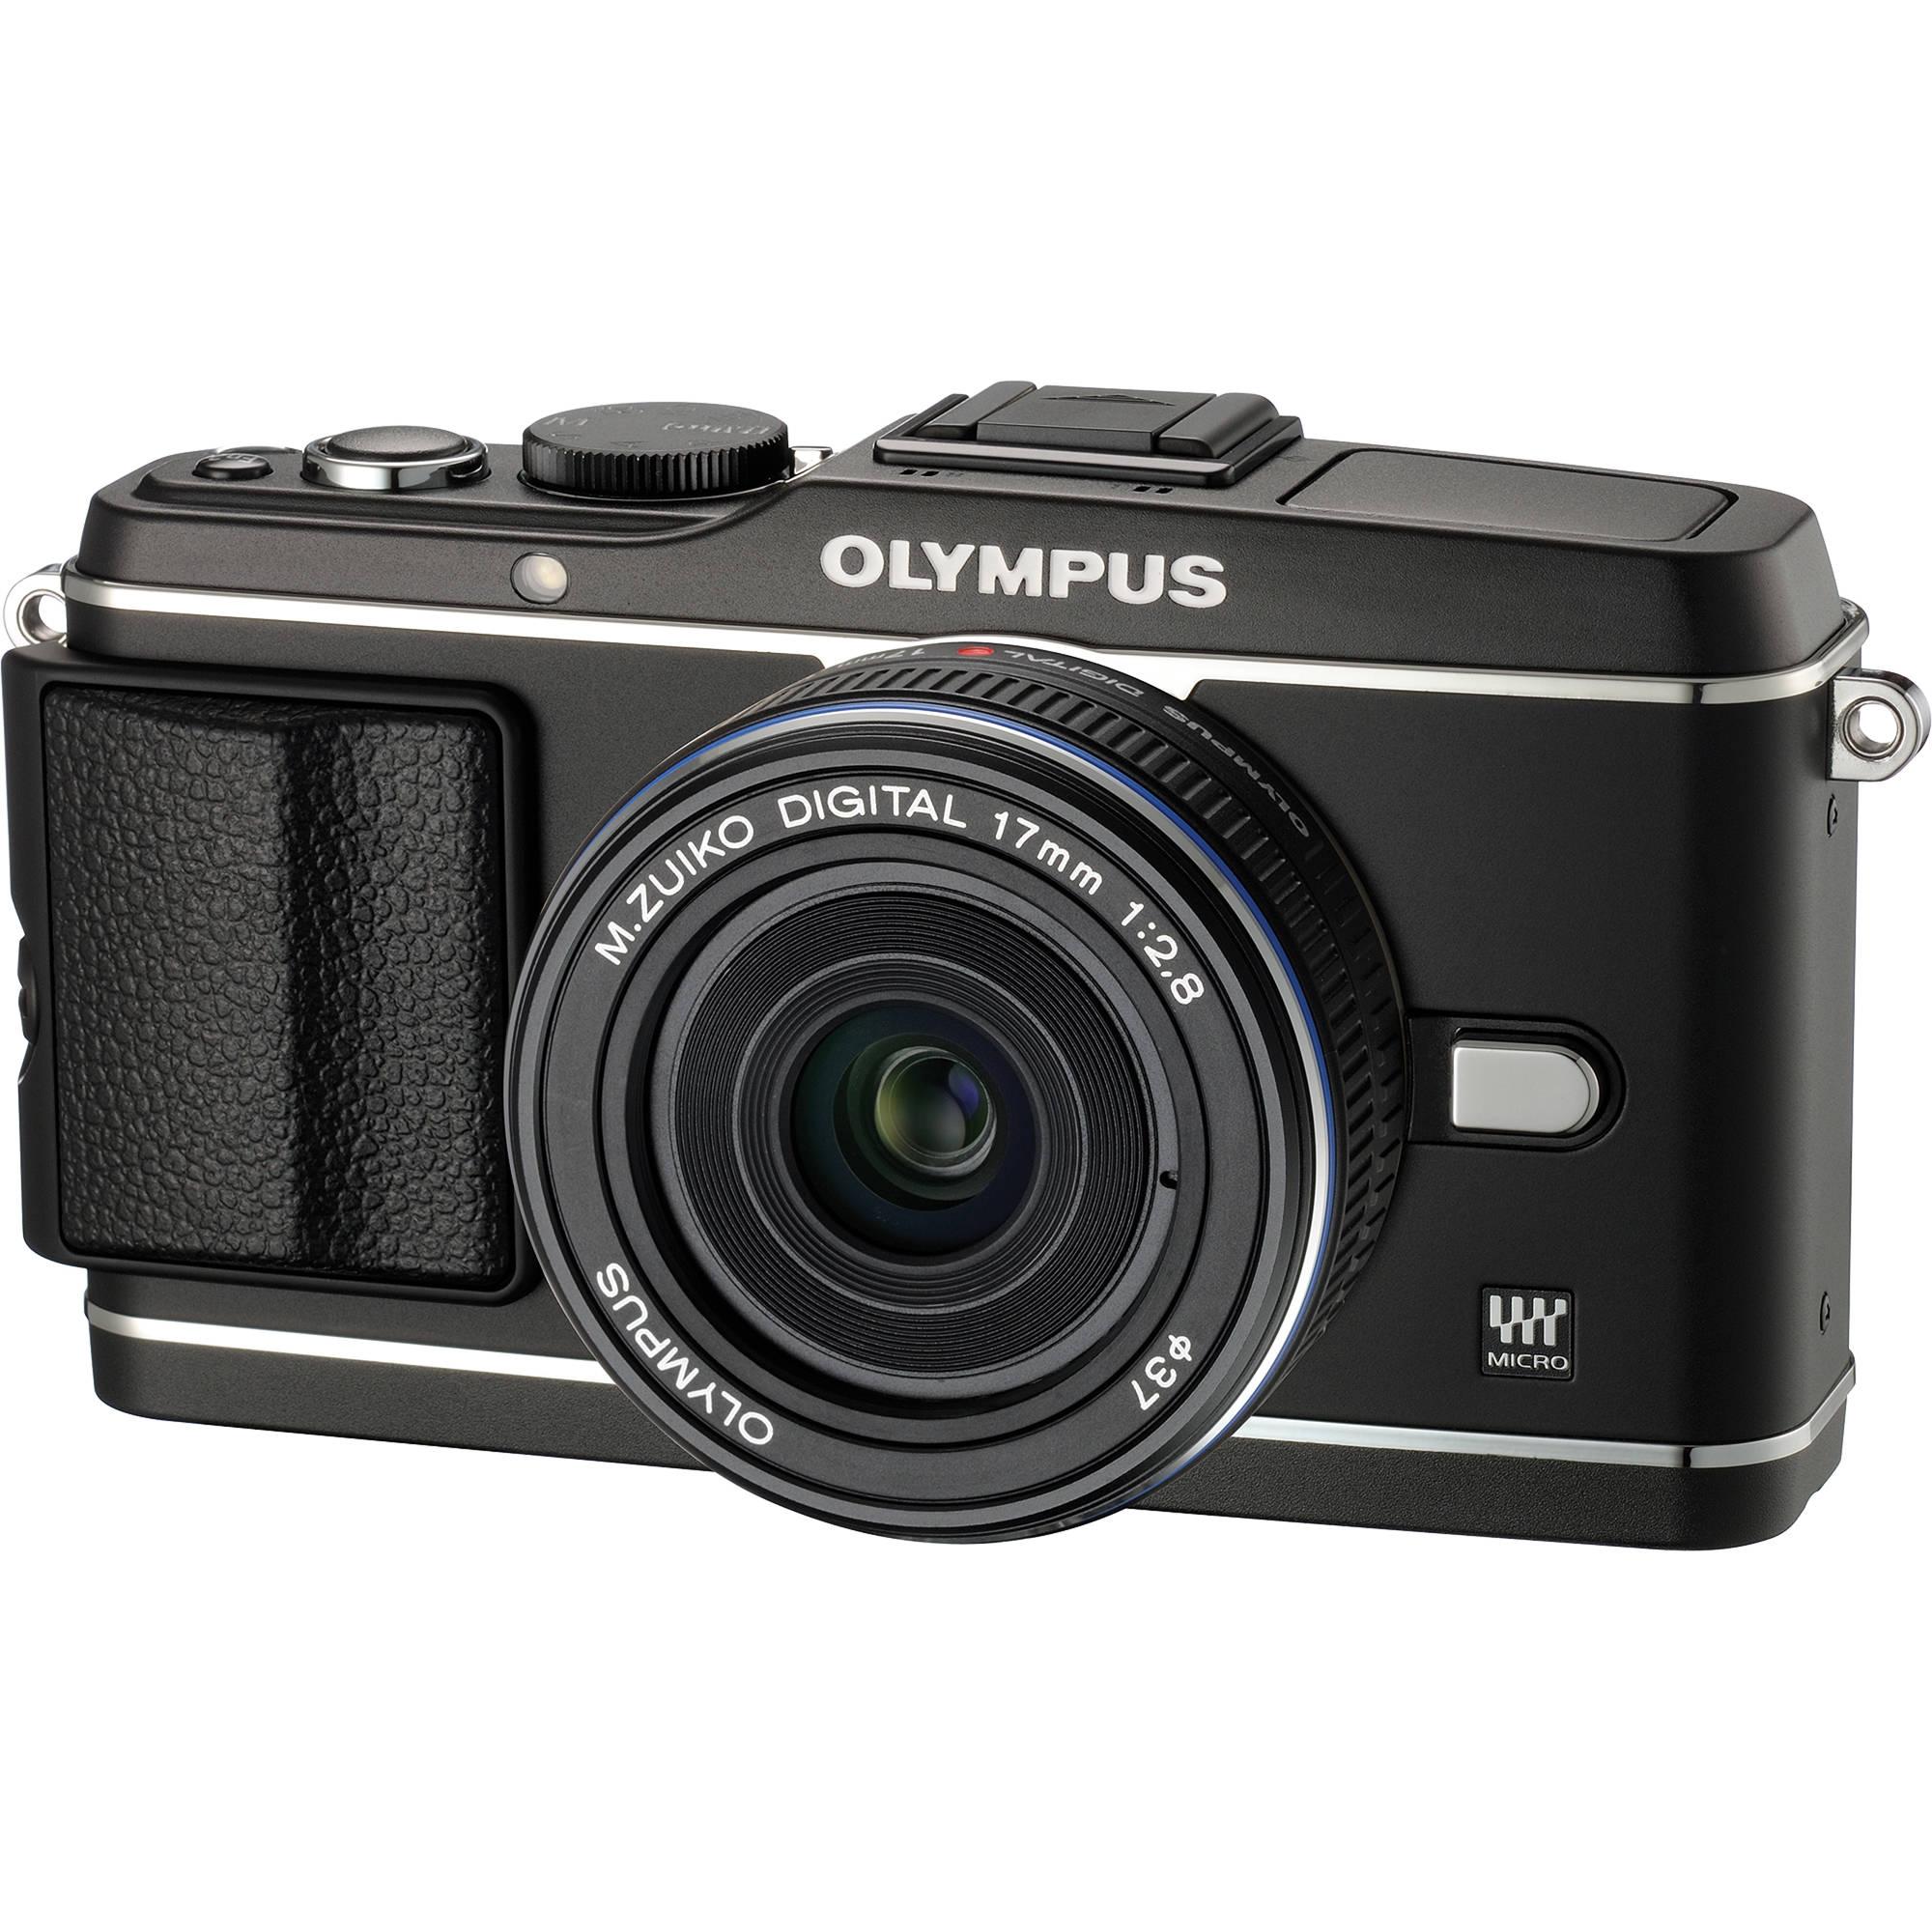 olympus e p3 pen digital camera with 17mm lens v204033bu000 b h rh bhphotovideo com olympus pen e-p3 user manual olympus pen e-p3 manual